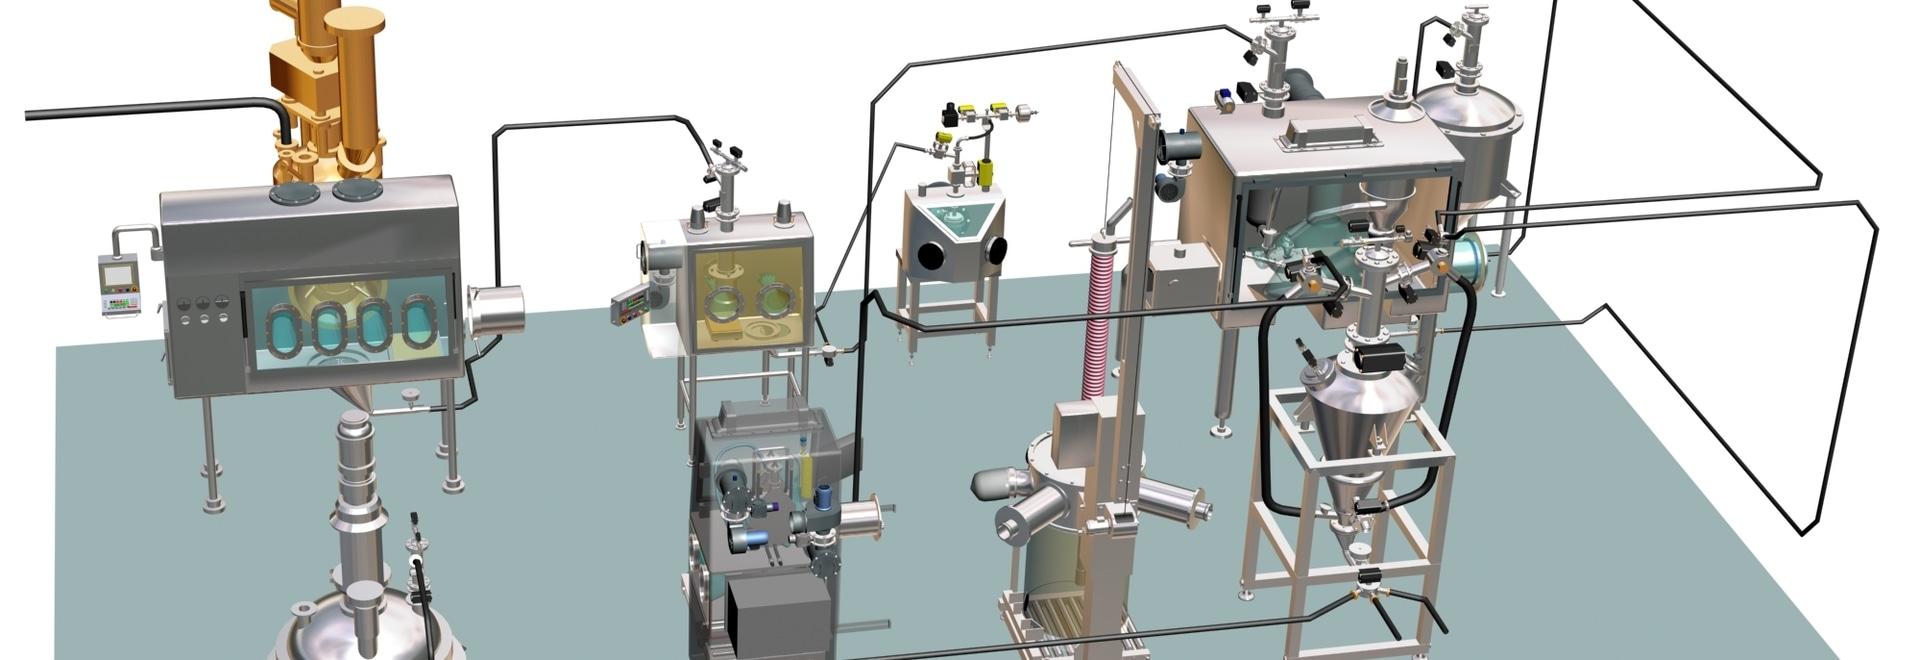 Scoprite i vantaggi di un impianto farmaceutico modulare, dalla movimentazione delle materie prime all'imballaggio finale